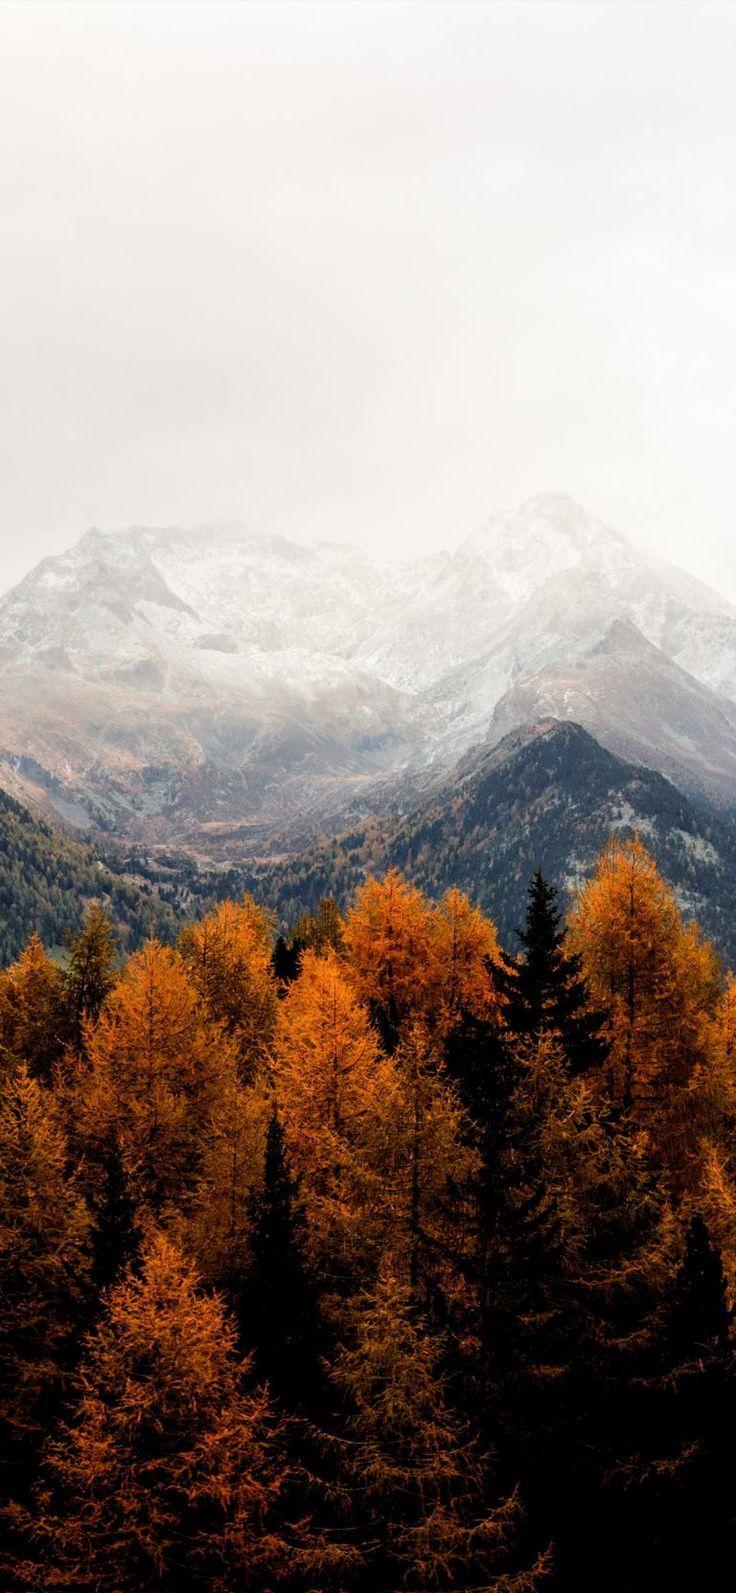 autumn fall iphone x wallpaper #falliphonewallpaper